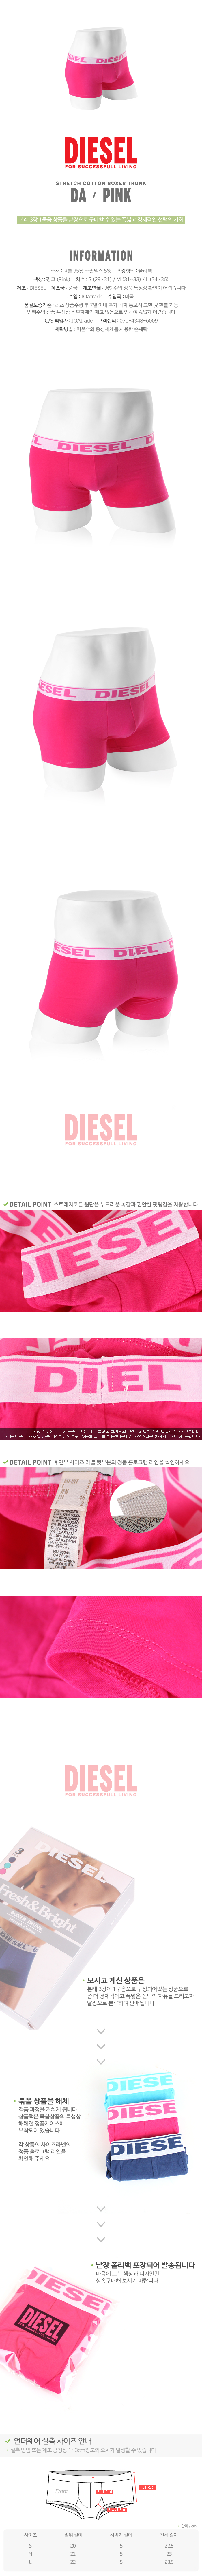 디젤 언더웨어(DIESEL UNDERWEAR) [디젤 언더웨어] DA 드로즈 챠콜.핑크 2장묶음